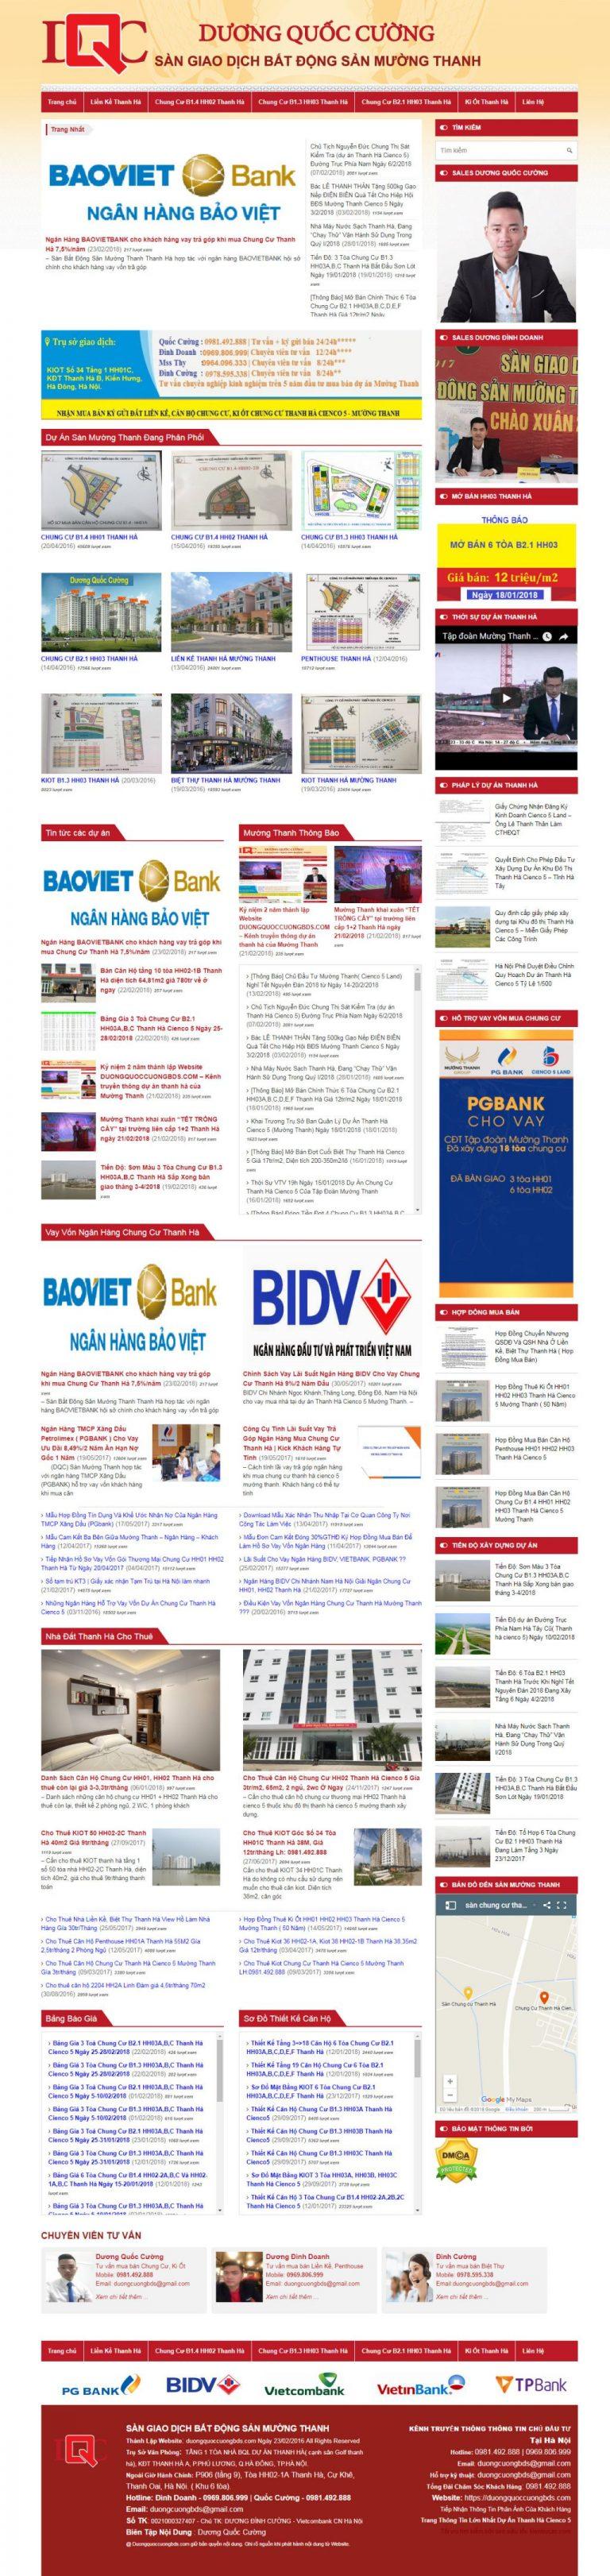 Mẫu thiết kế website bất động sản